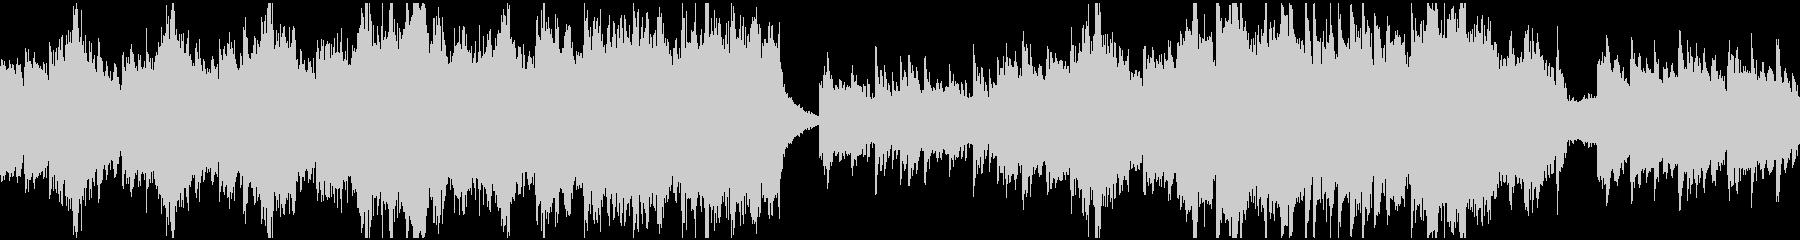 ダーク&クラシカル・ループの未再生の波形